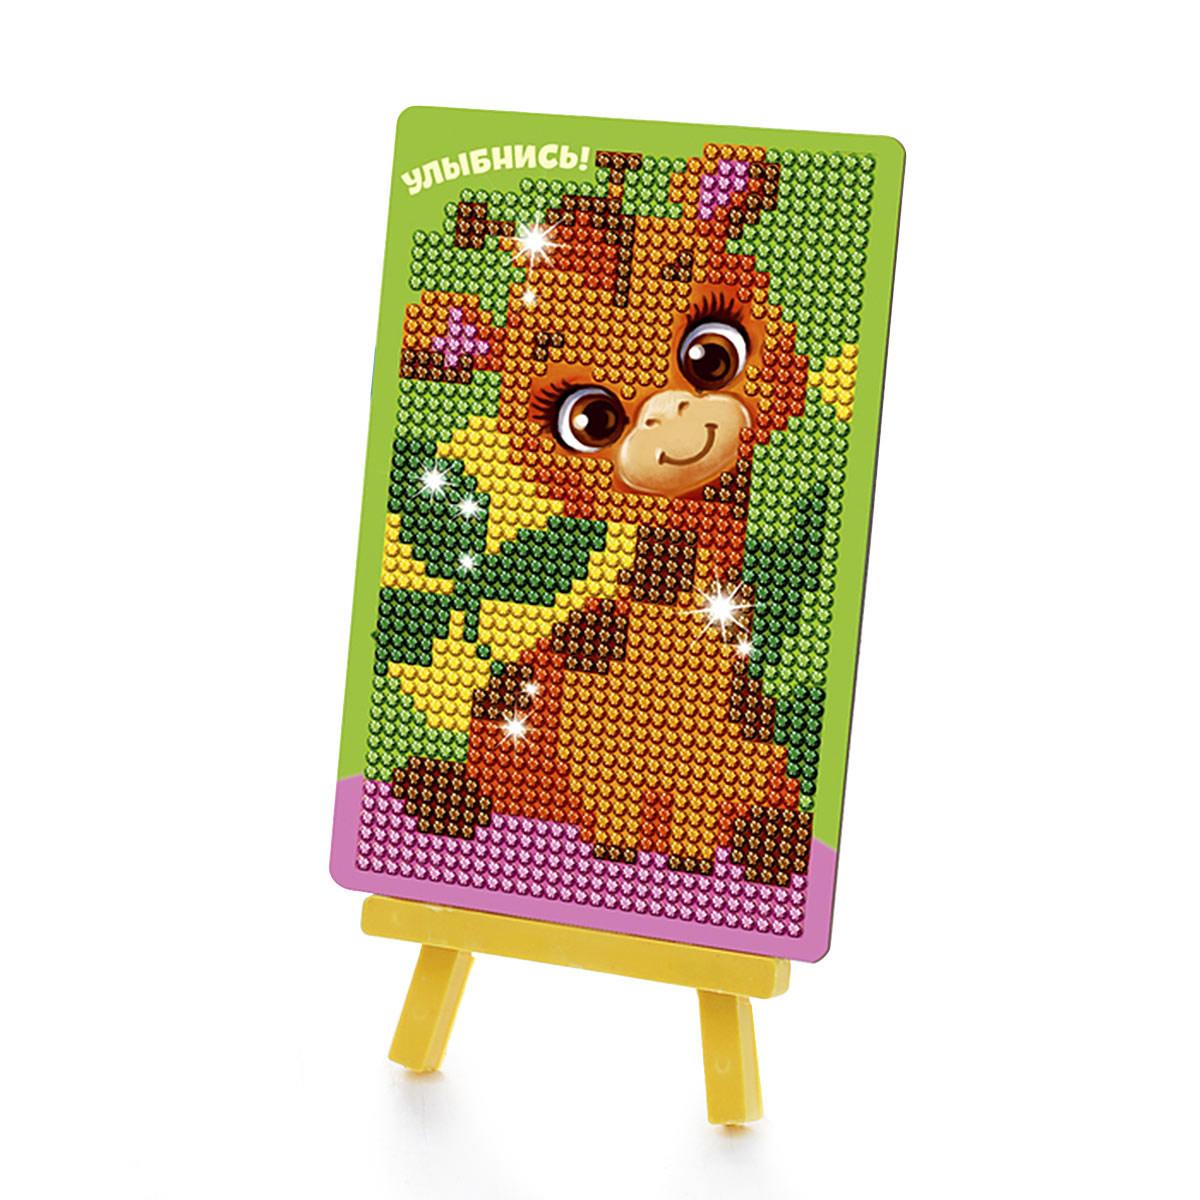 3572063 Алмазная мозаика для детей 'Улыбнись'+ емкость, стержень с клеевой подушечкой